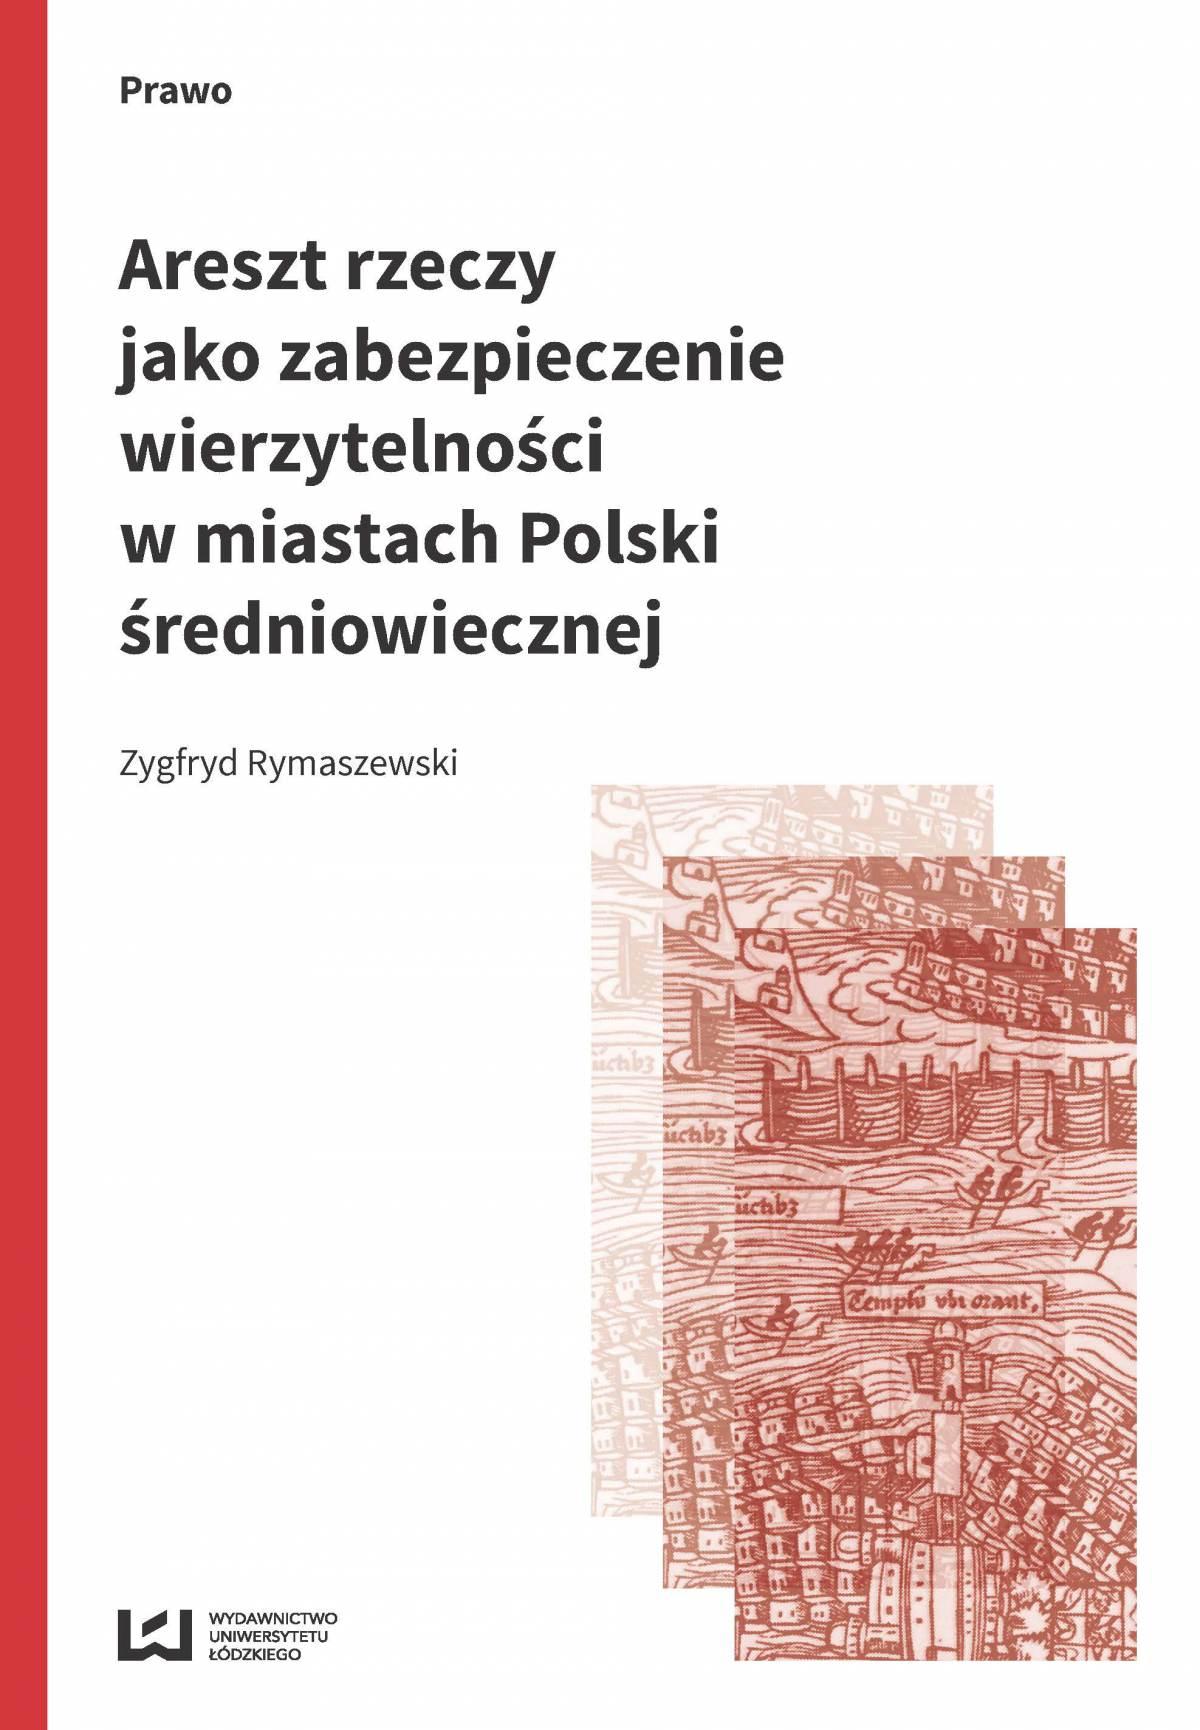 Areszt rzeczy jako zabezpieczenie wierzytelności w miastach Polski średniowiecznej - Ebook (Książka PDF) do pobrania w formacie PDF